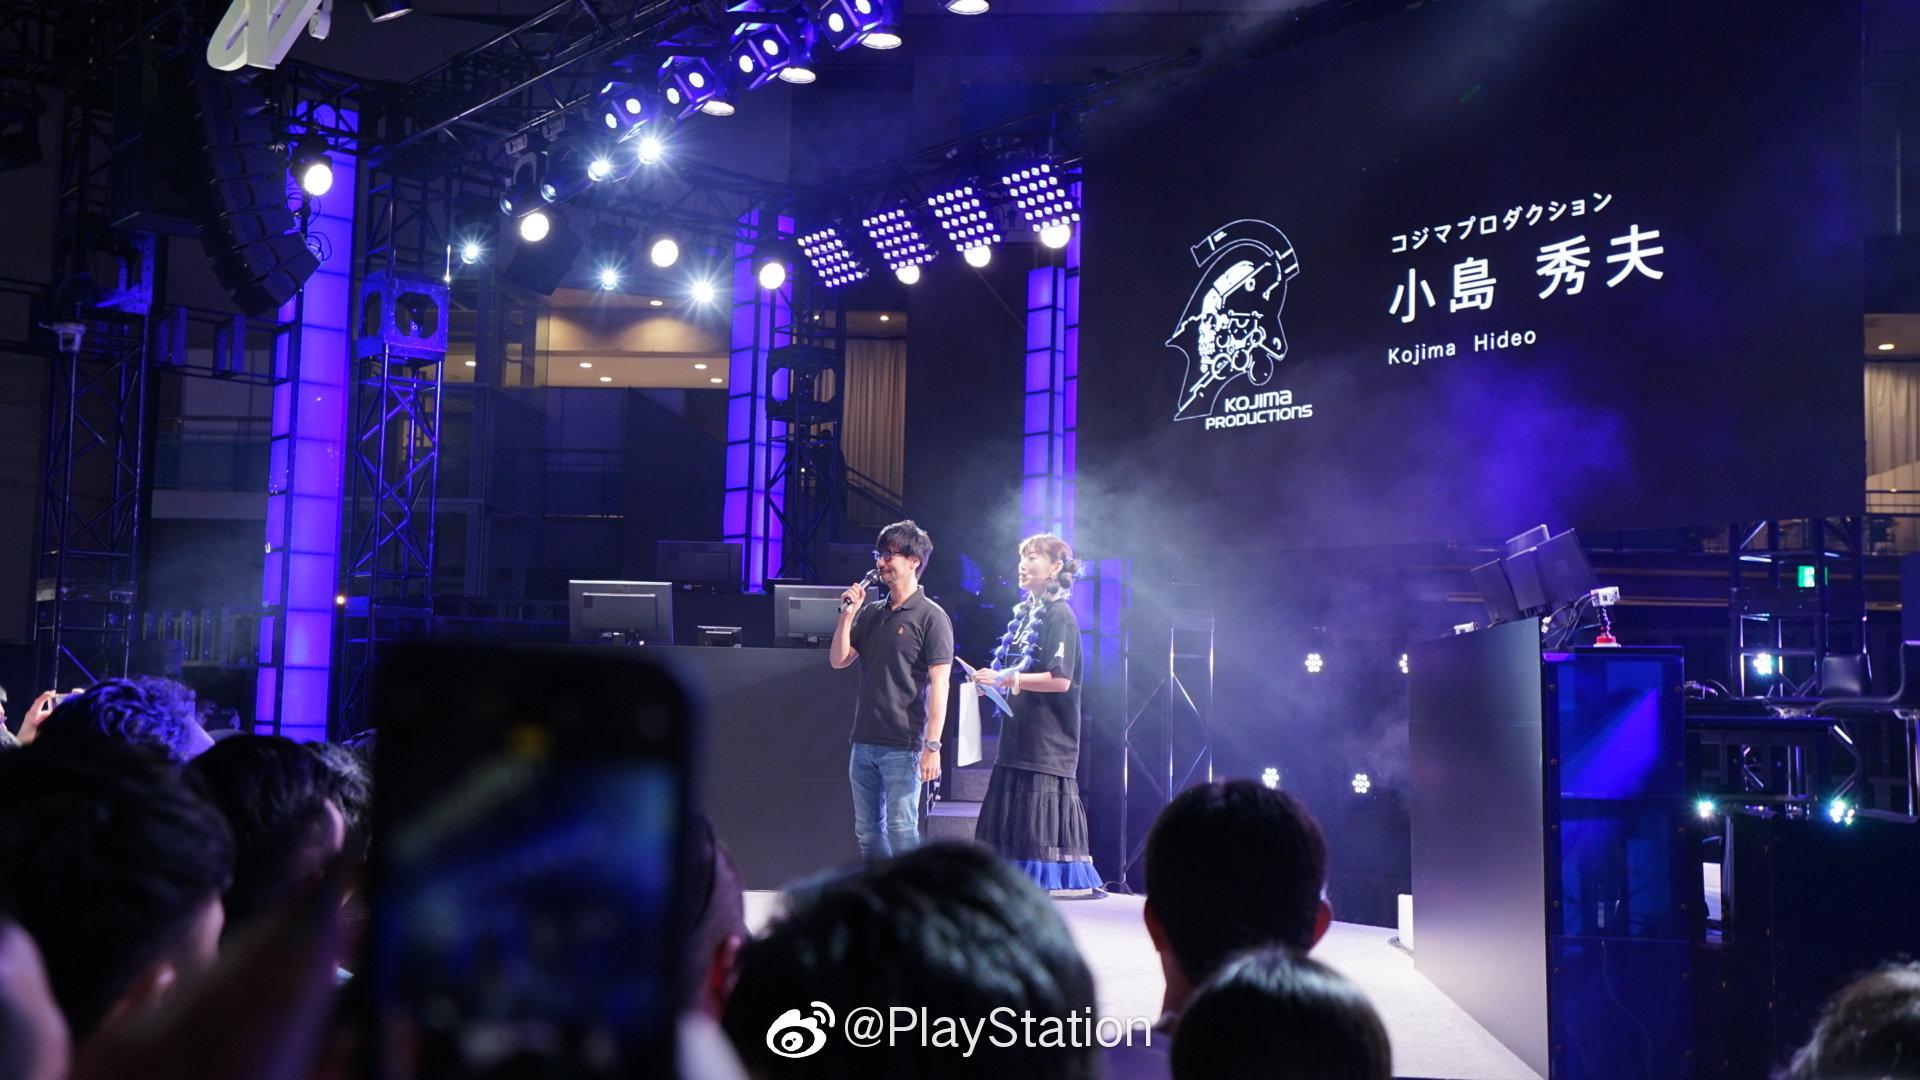 TGS:小岛现身PlayStation舞台 《死亡搁浅》中字版剧情预告